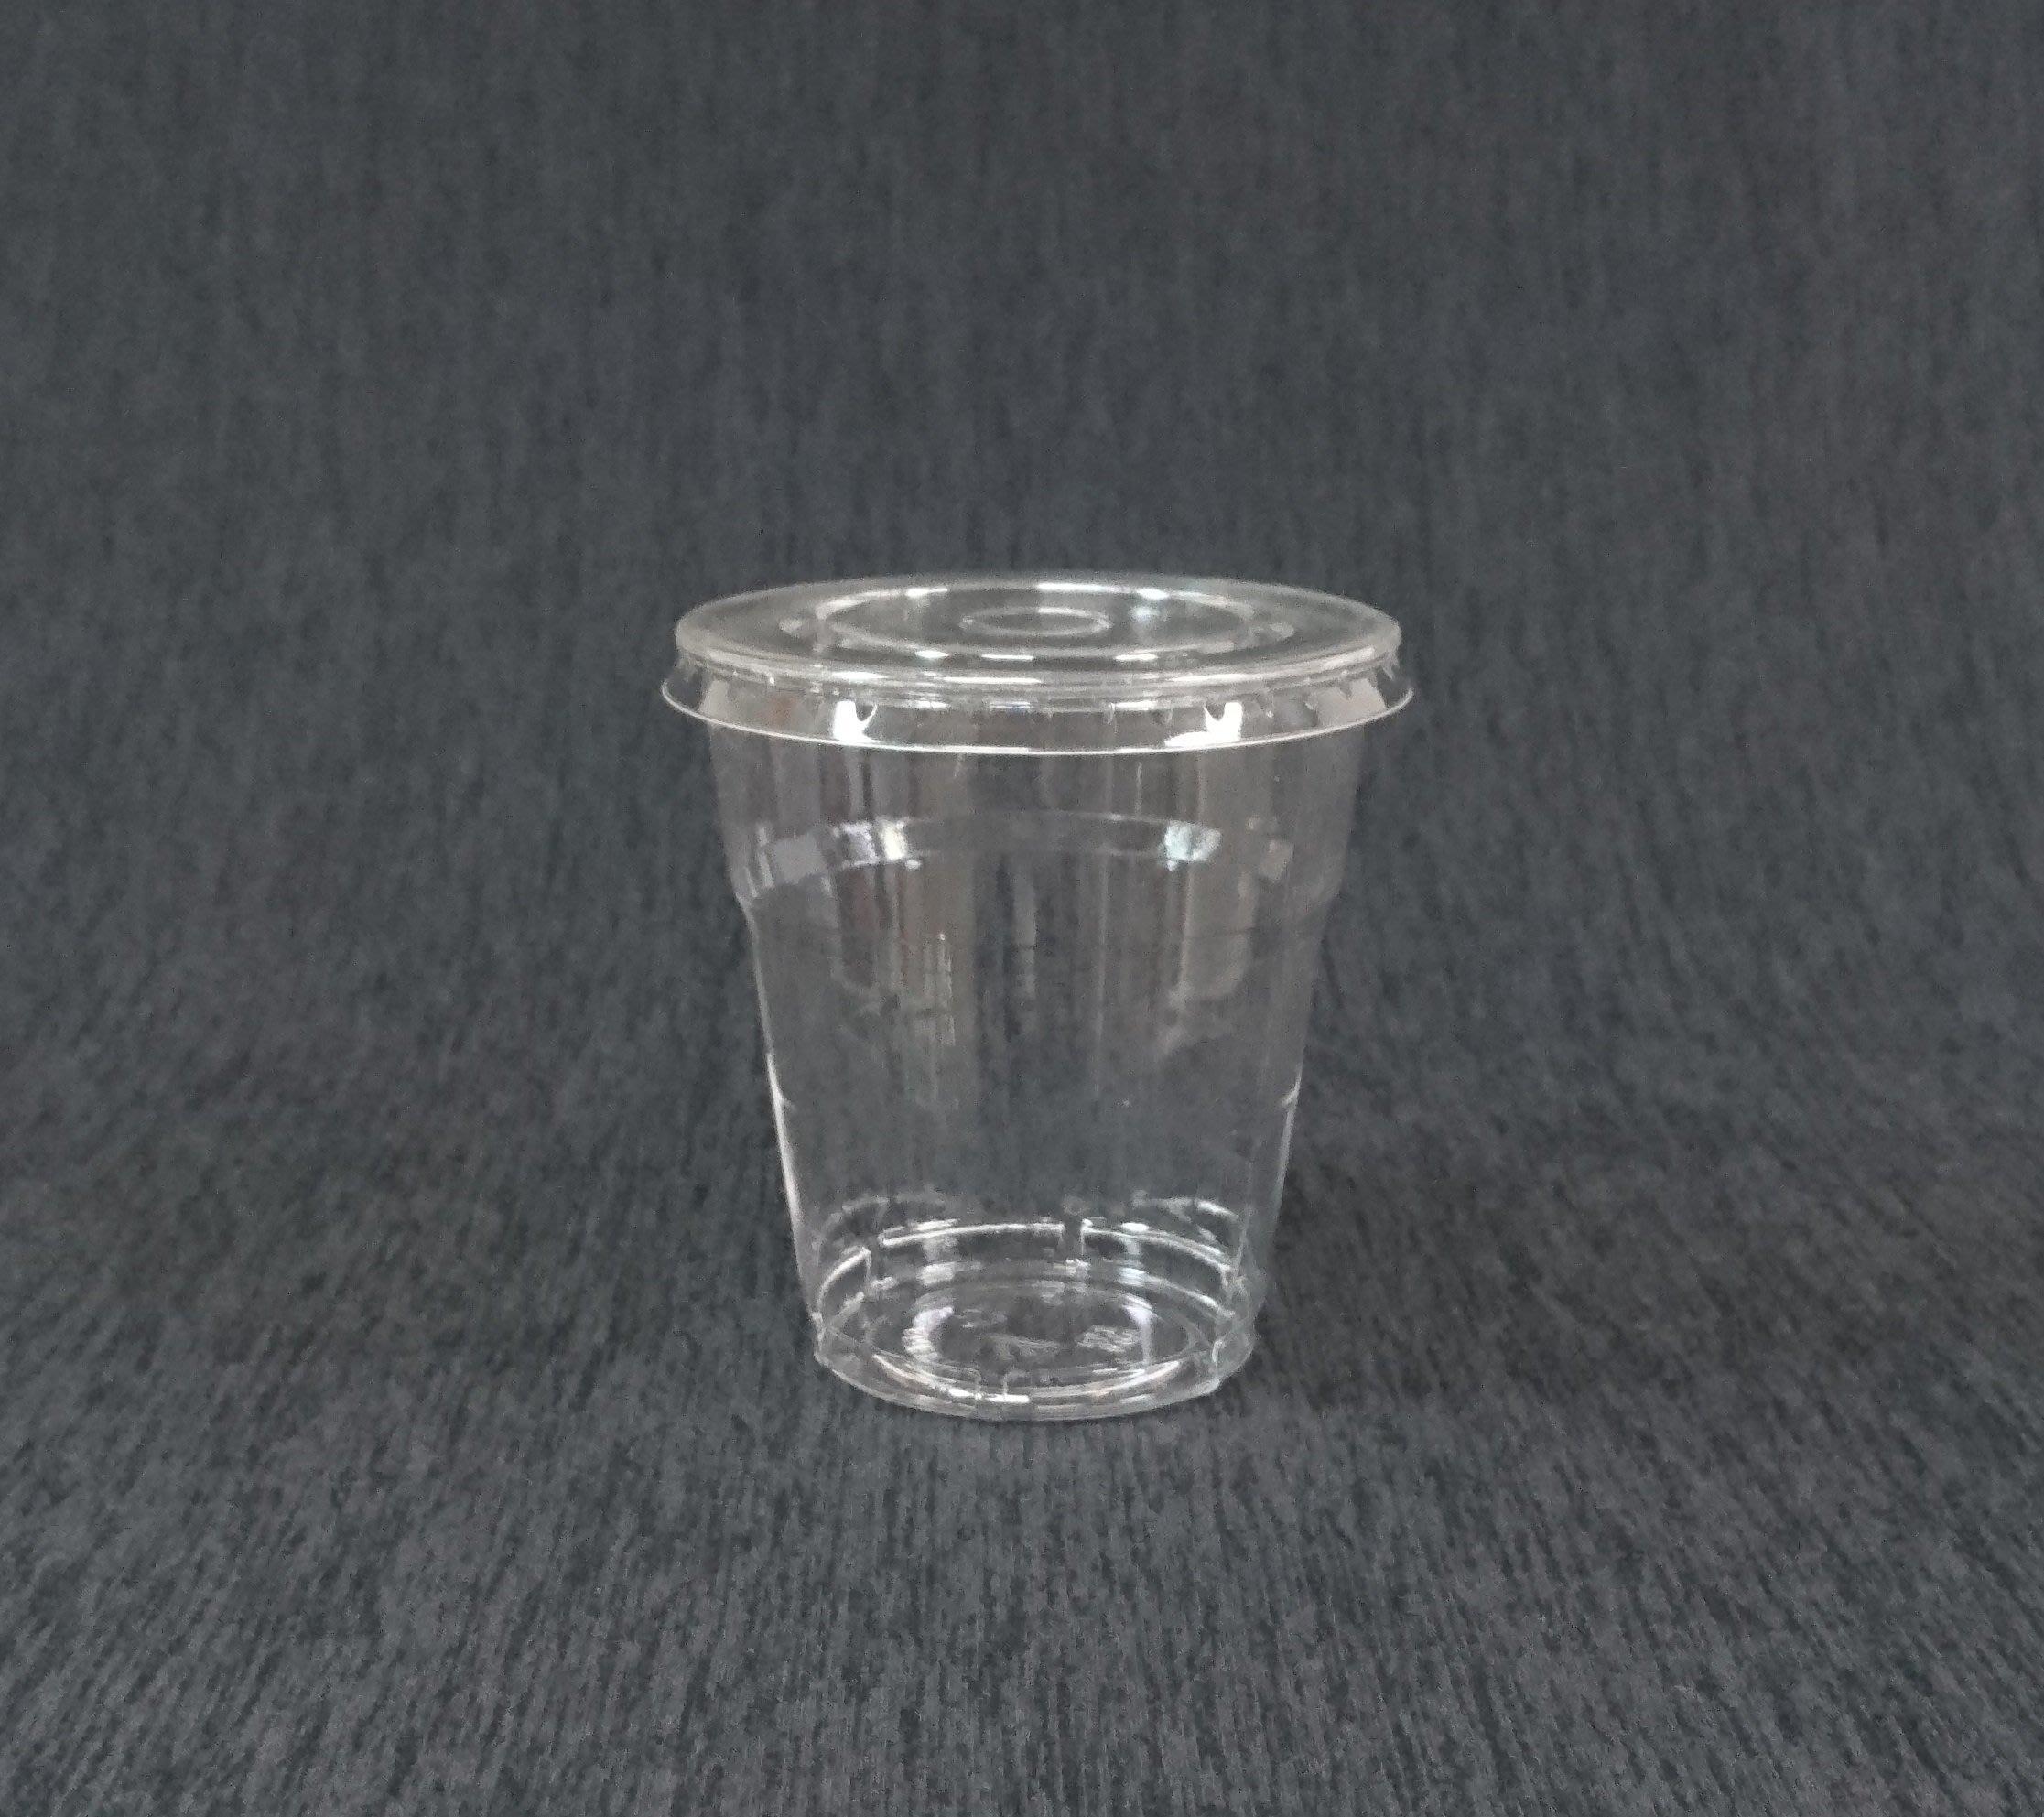 2000組【250cc 透明水晶杯+圓孔平蓋】透明硬杯 冷飲杯 透明杯 塑膠杯子 飲料杯 冷杯 水杯